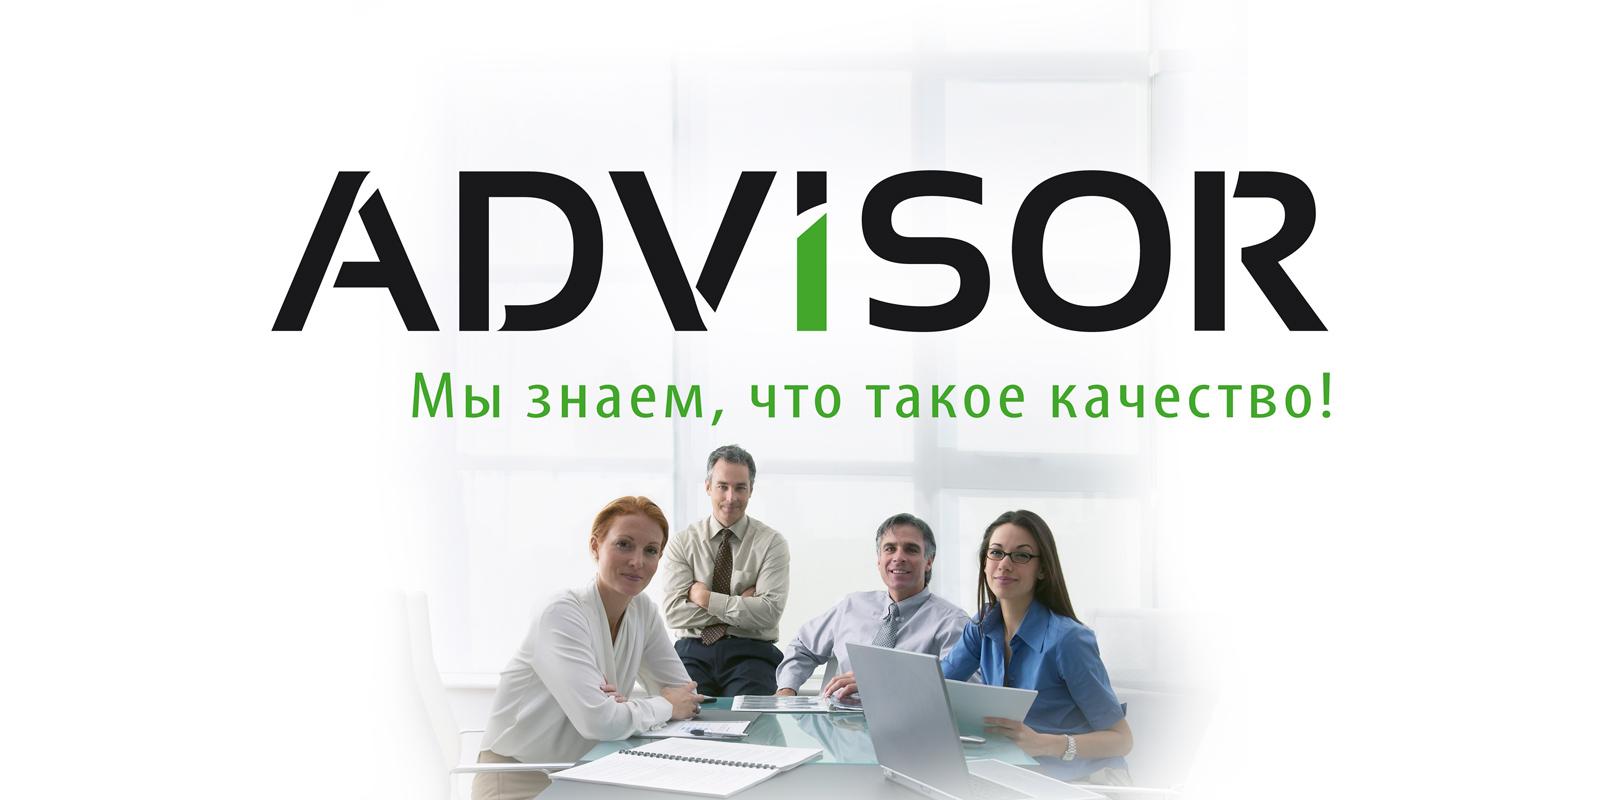 Центр экспертных решений Аdvisor;;;;;;Разработка логотипа;;;;;;<span>Клиент:</span> Центр экспертных решений Аdvisor;;;;;;;;;;;;Разработка логотипа;;;;;;1